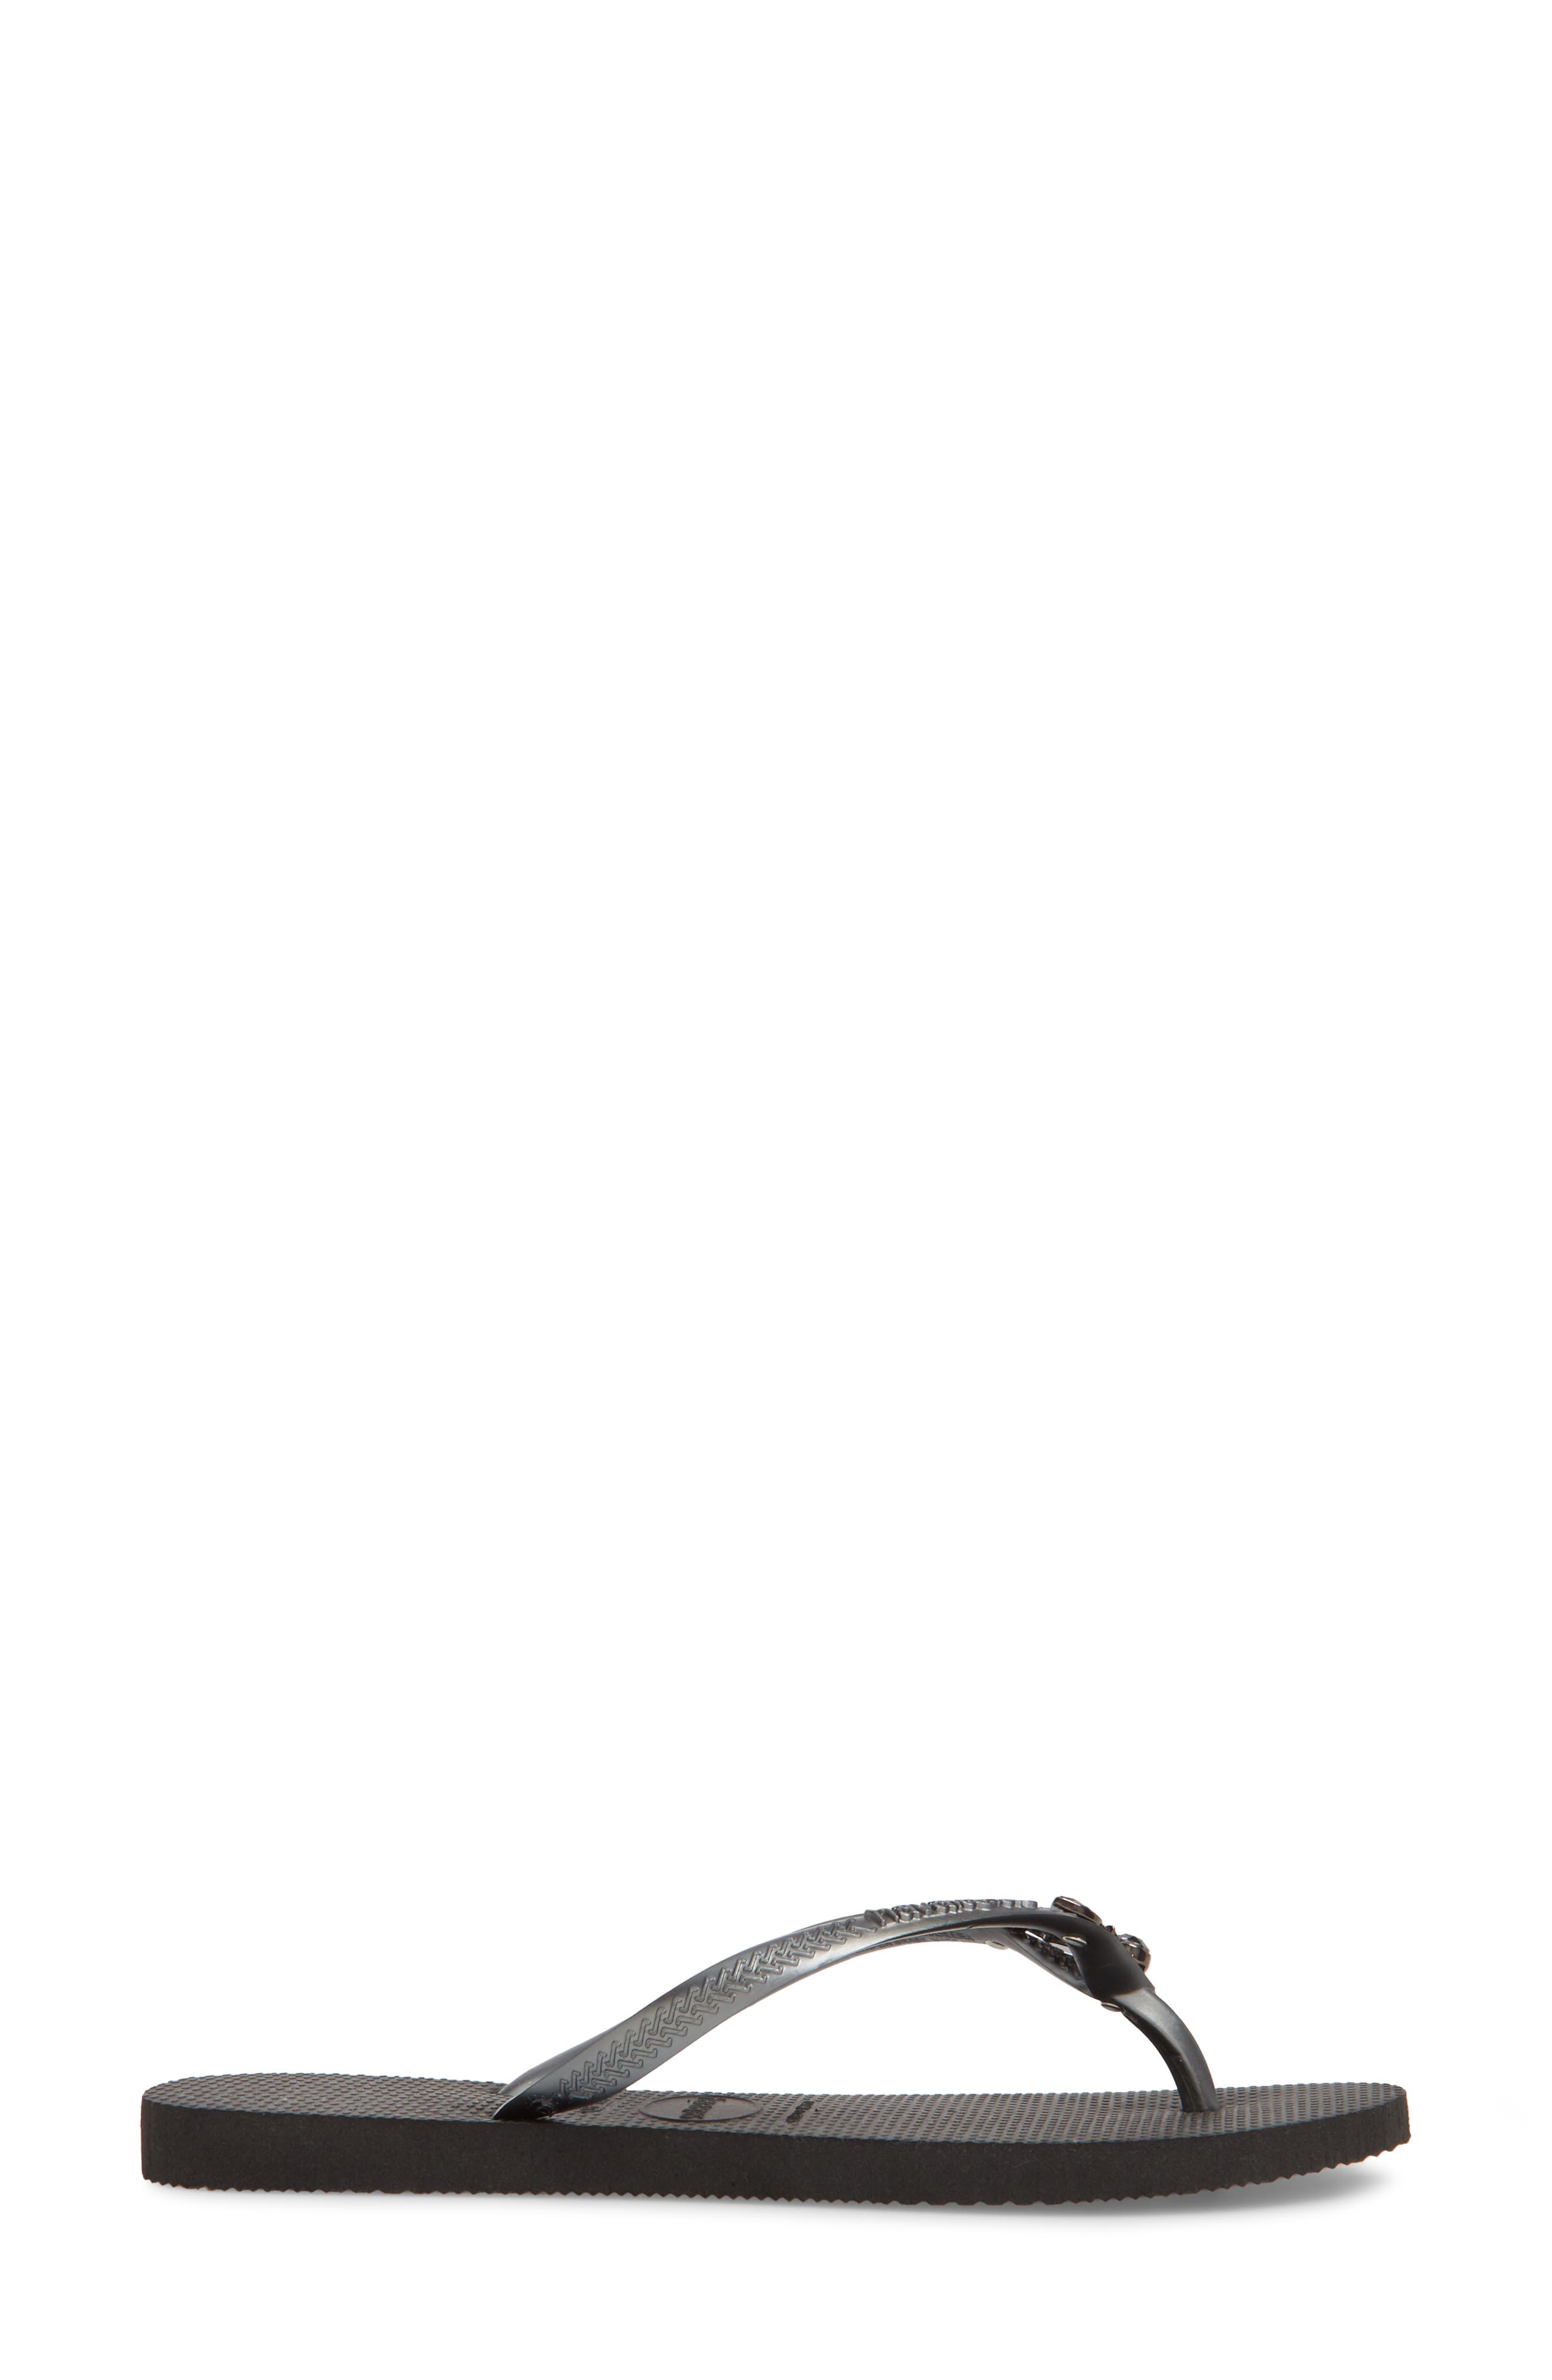 Slim Lux Flip Flop,                             Alternate thumbnail 3, color,                             Black/ Black